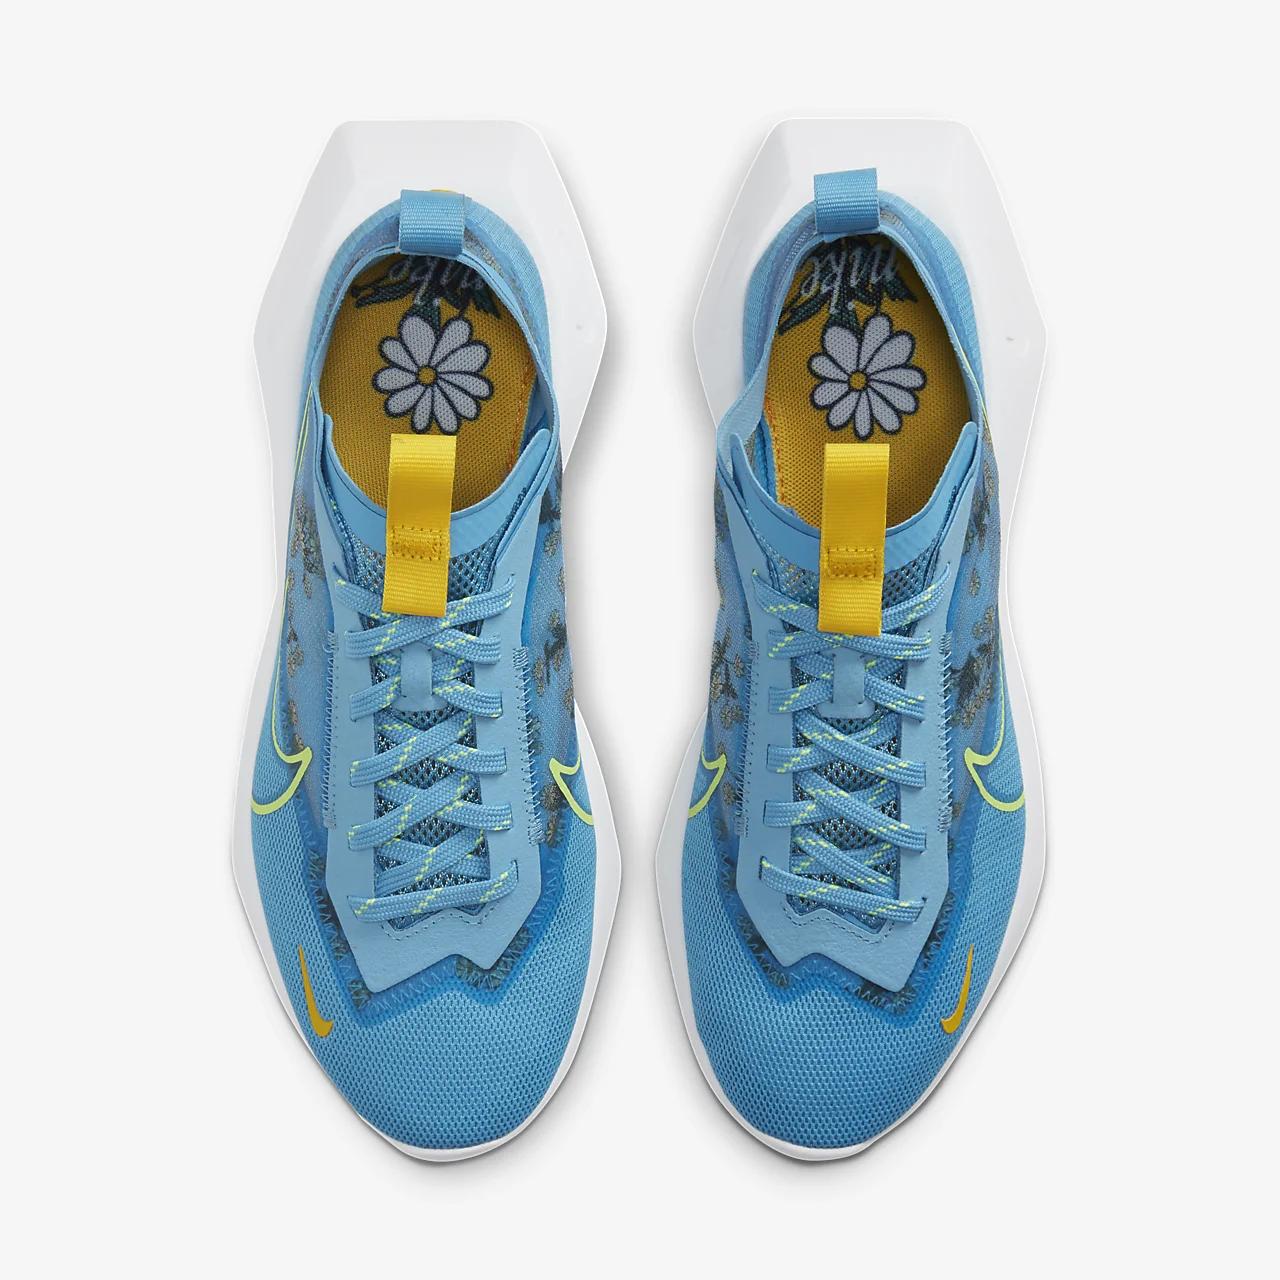 나이키 비스타 라이트 여성 신발 CW5579-400